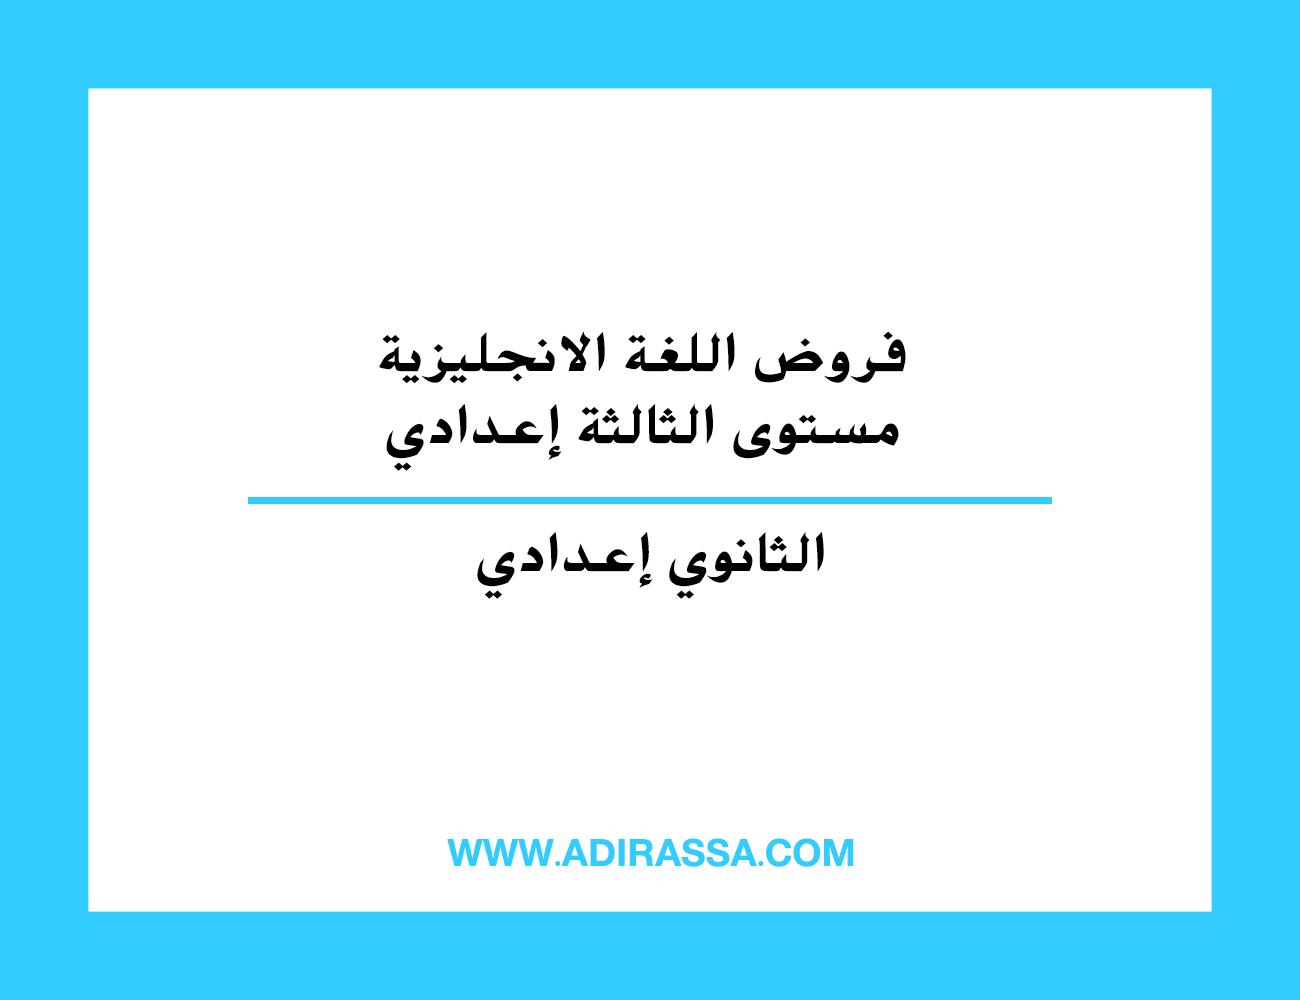 فروض اللغة الانجليزية مستوى الثالثة إعدادي المقررة في المدرسة المغربية